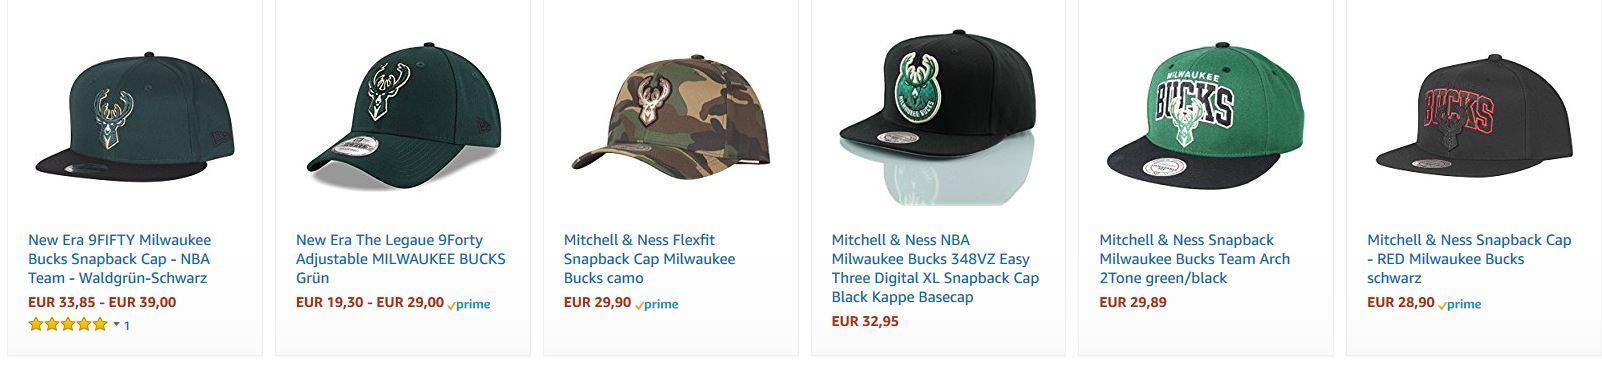 Milwaukee Bucks Cap auf Amazon kaufen